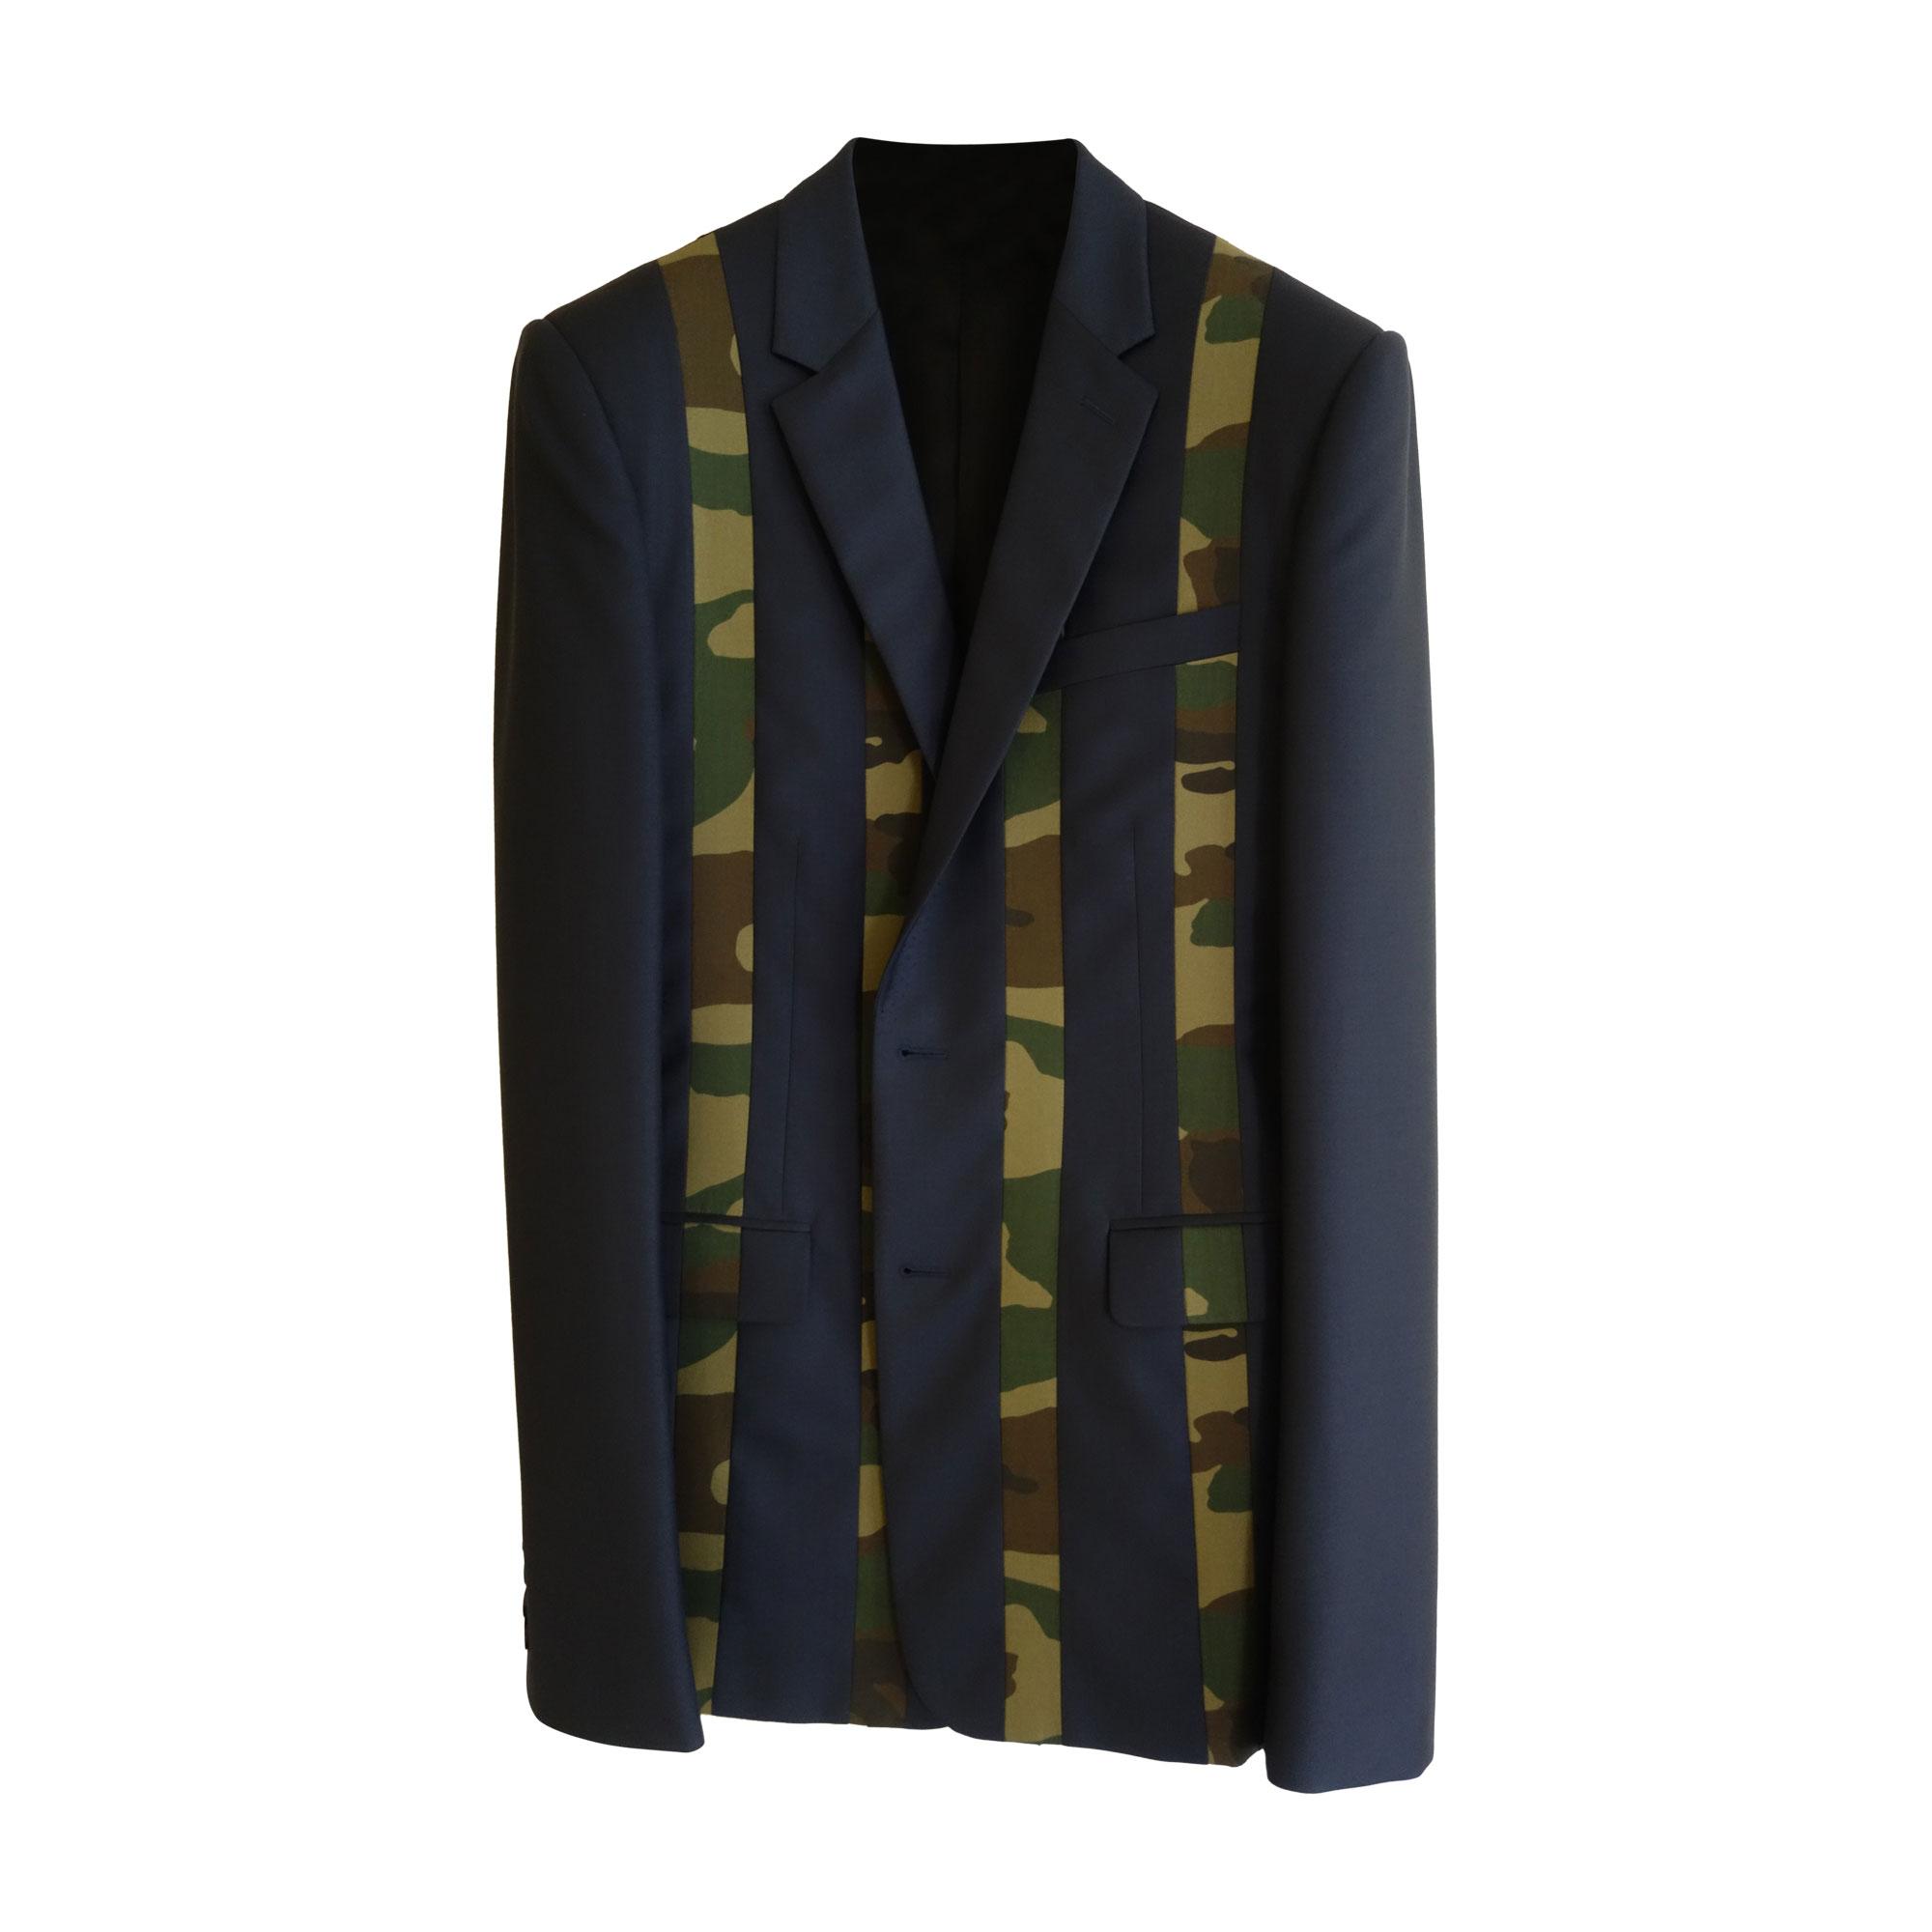 0b47ace05e35 Veste de costume DIOR HOMME 50 (M) bleu vendu par Fredr - 6852452